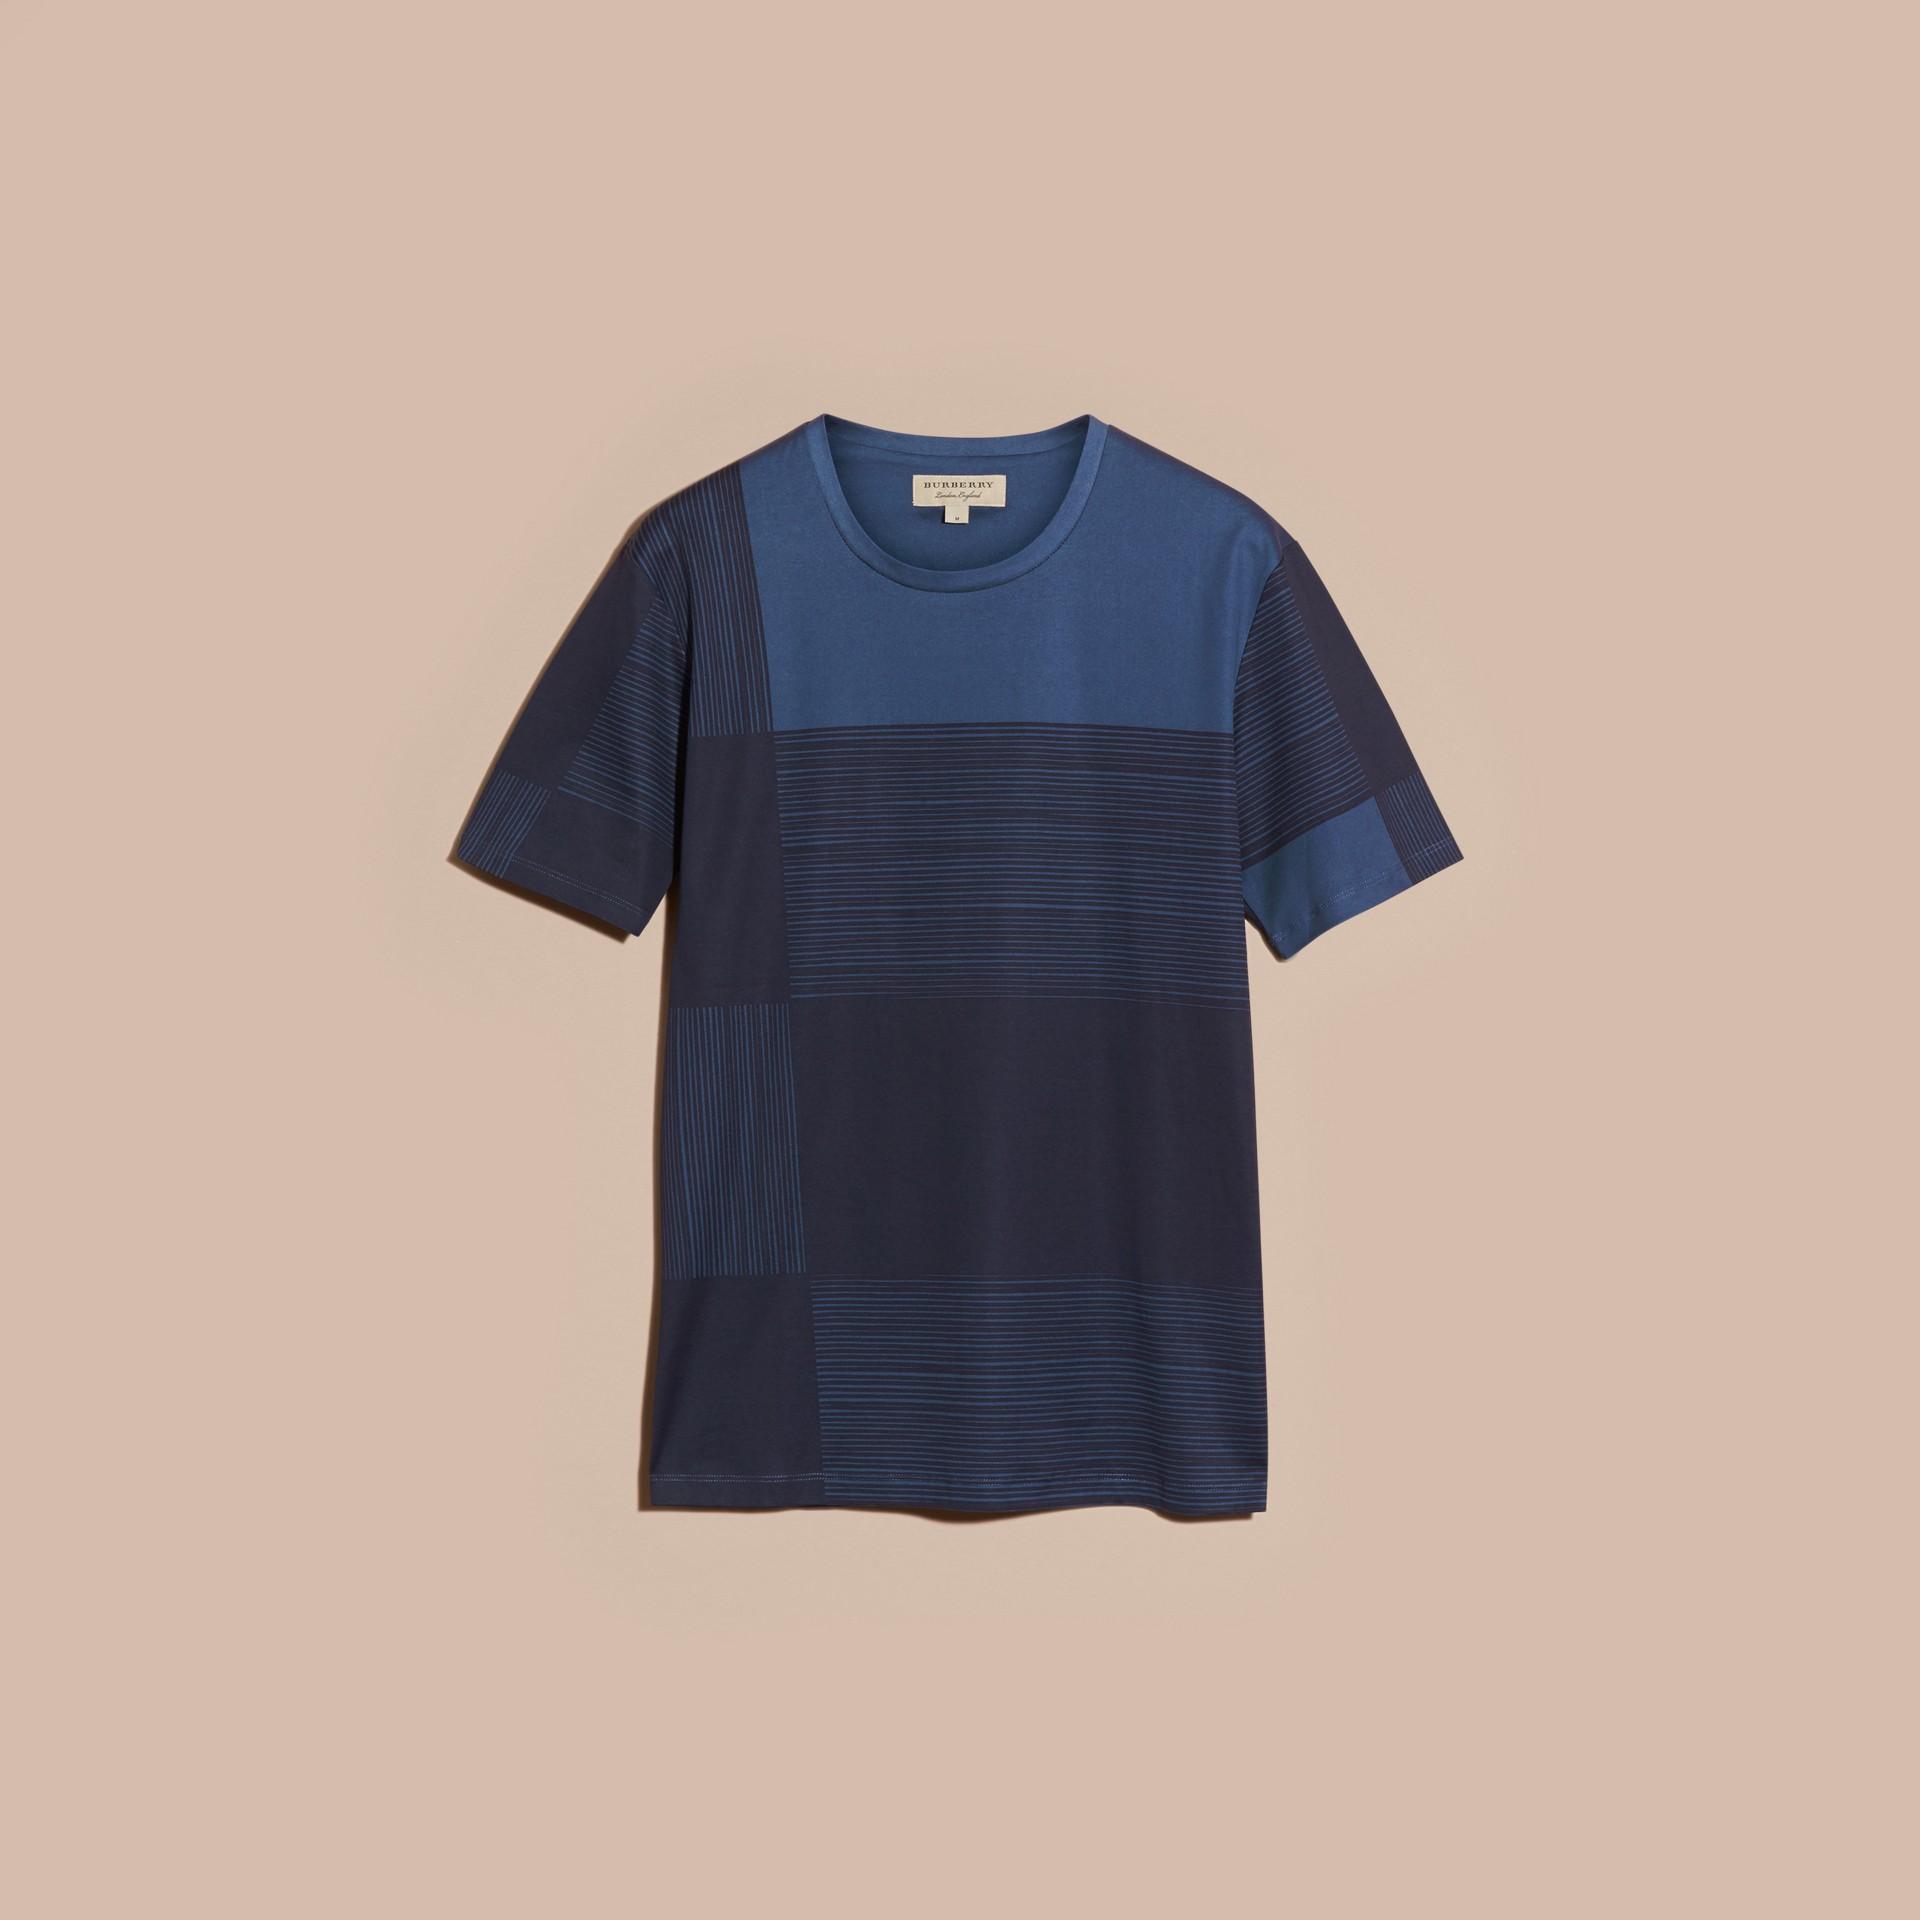 Navy T-shirt in cotone con motivo check stampato Navy - immagine della galleria 4